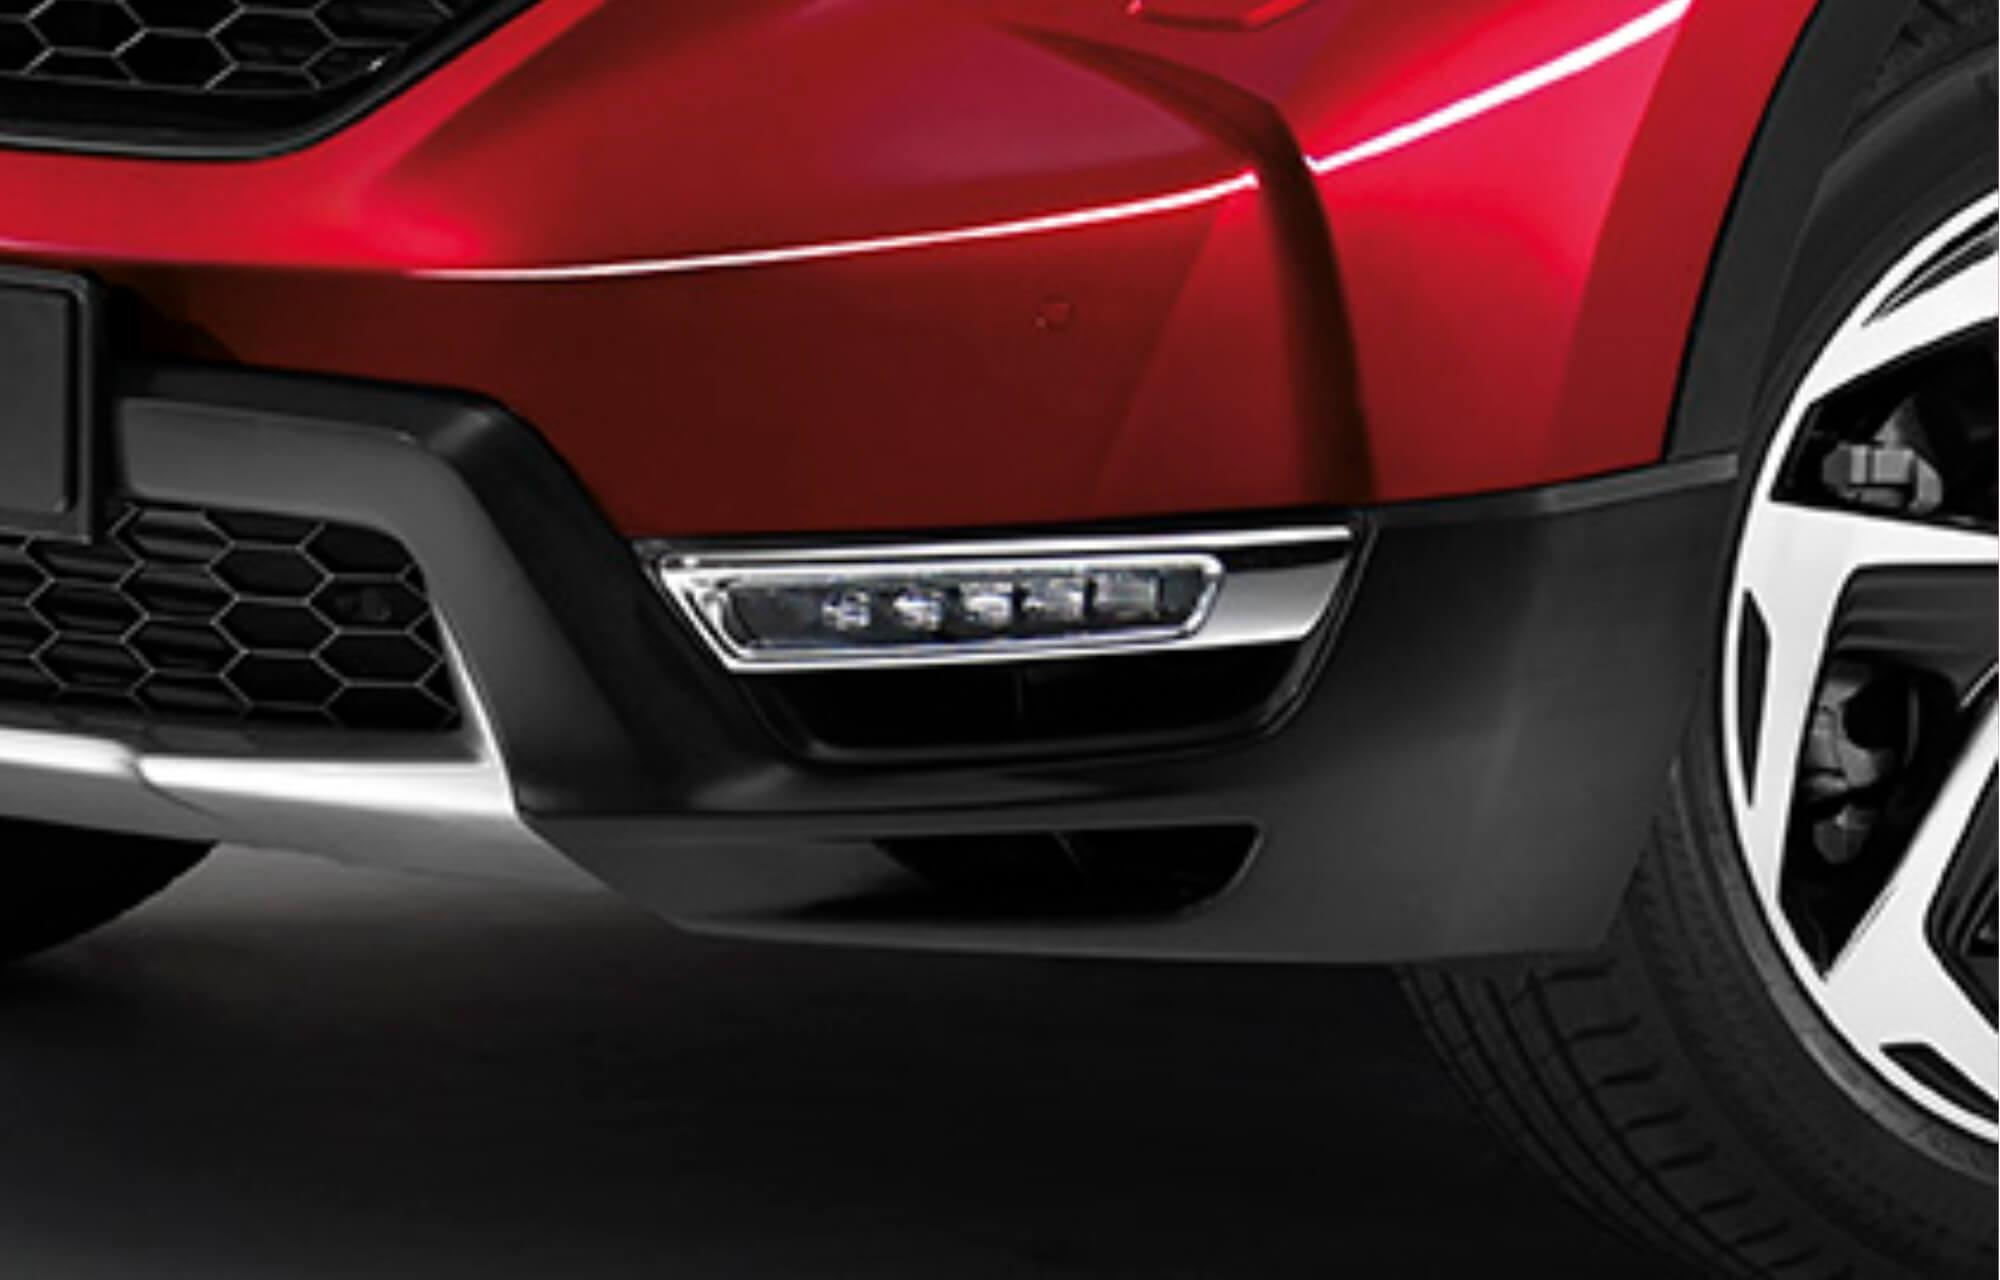 CR-V Front Fog Lights